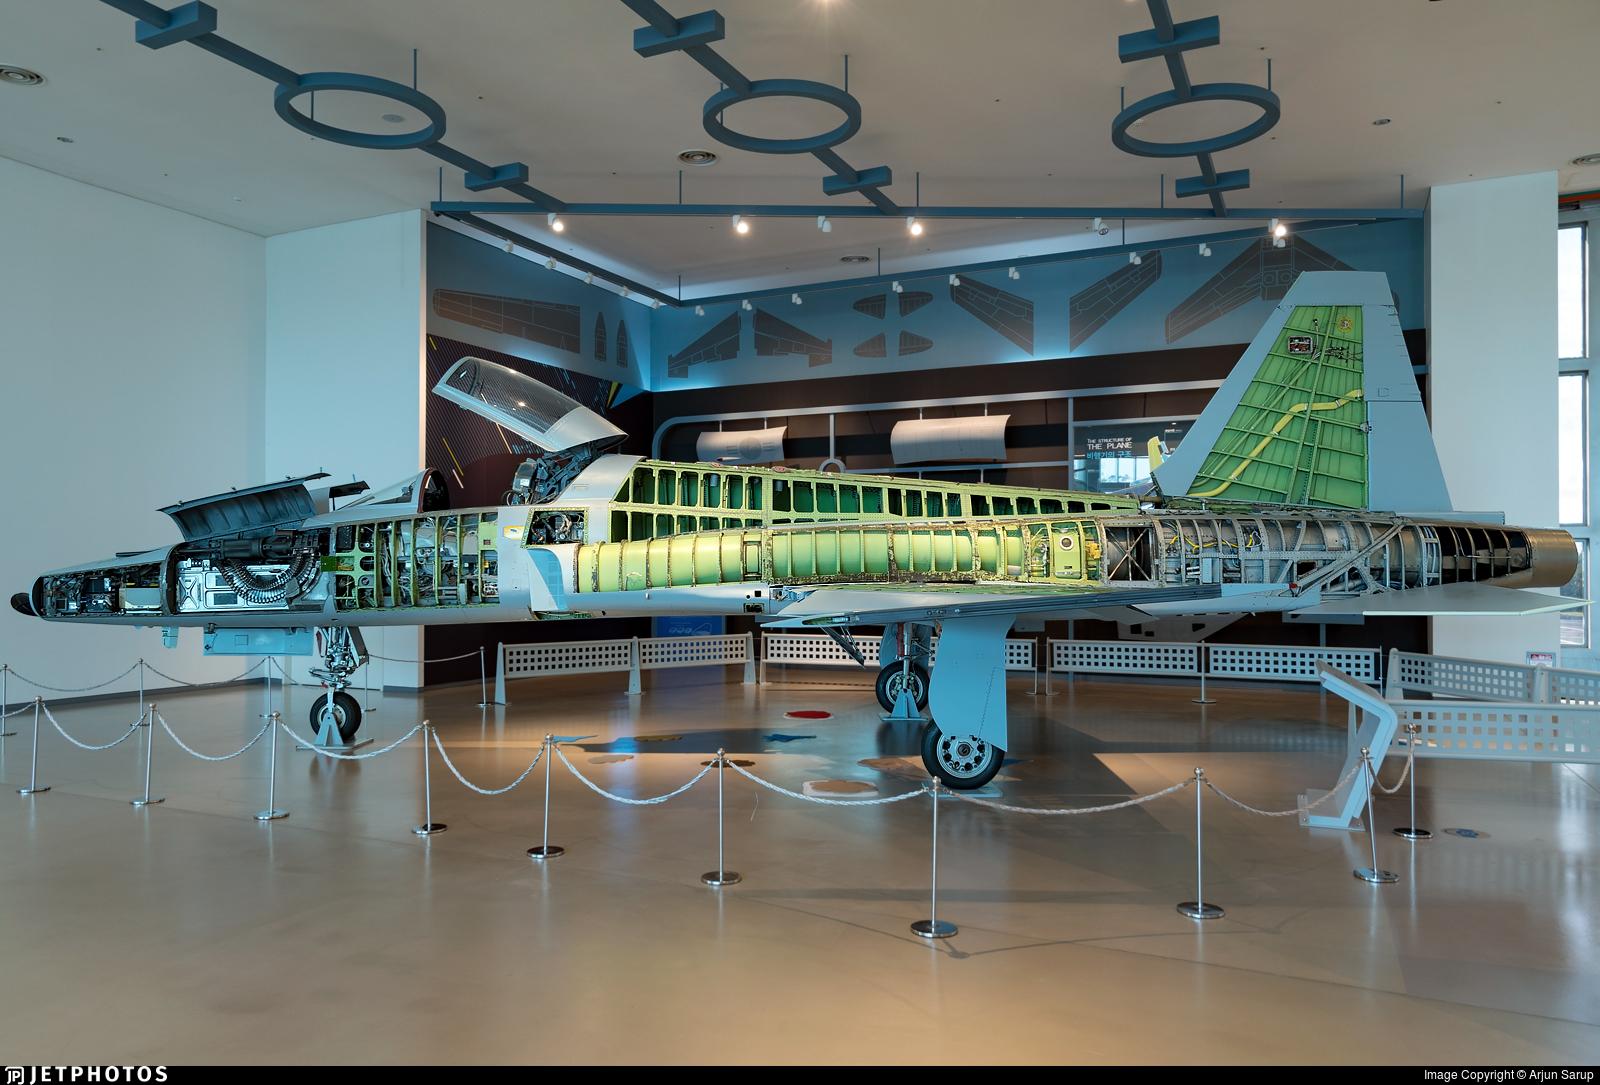 00-884 - Northrop F-5E Tiger II - South Korea - Air Force